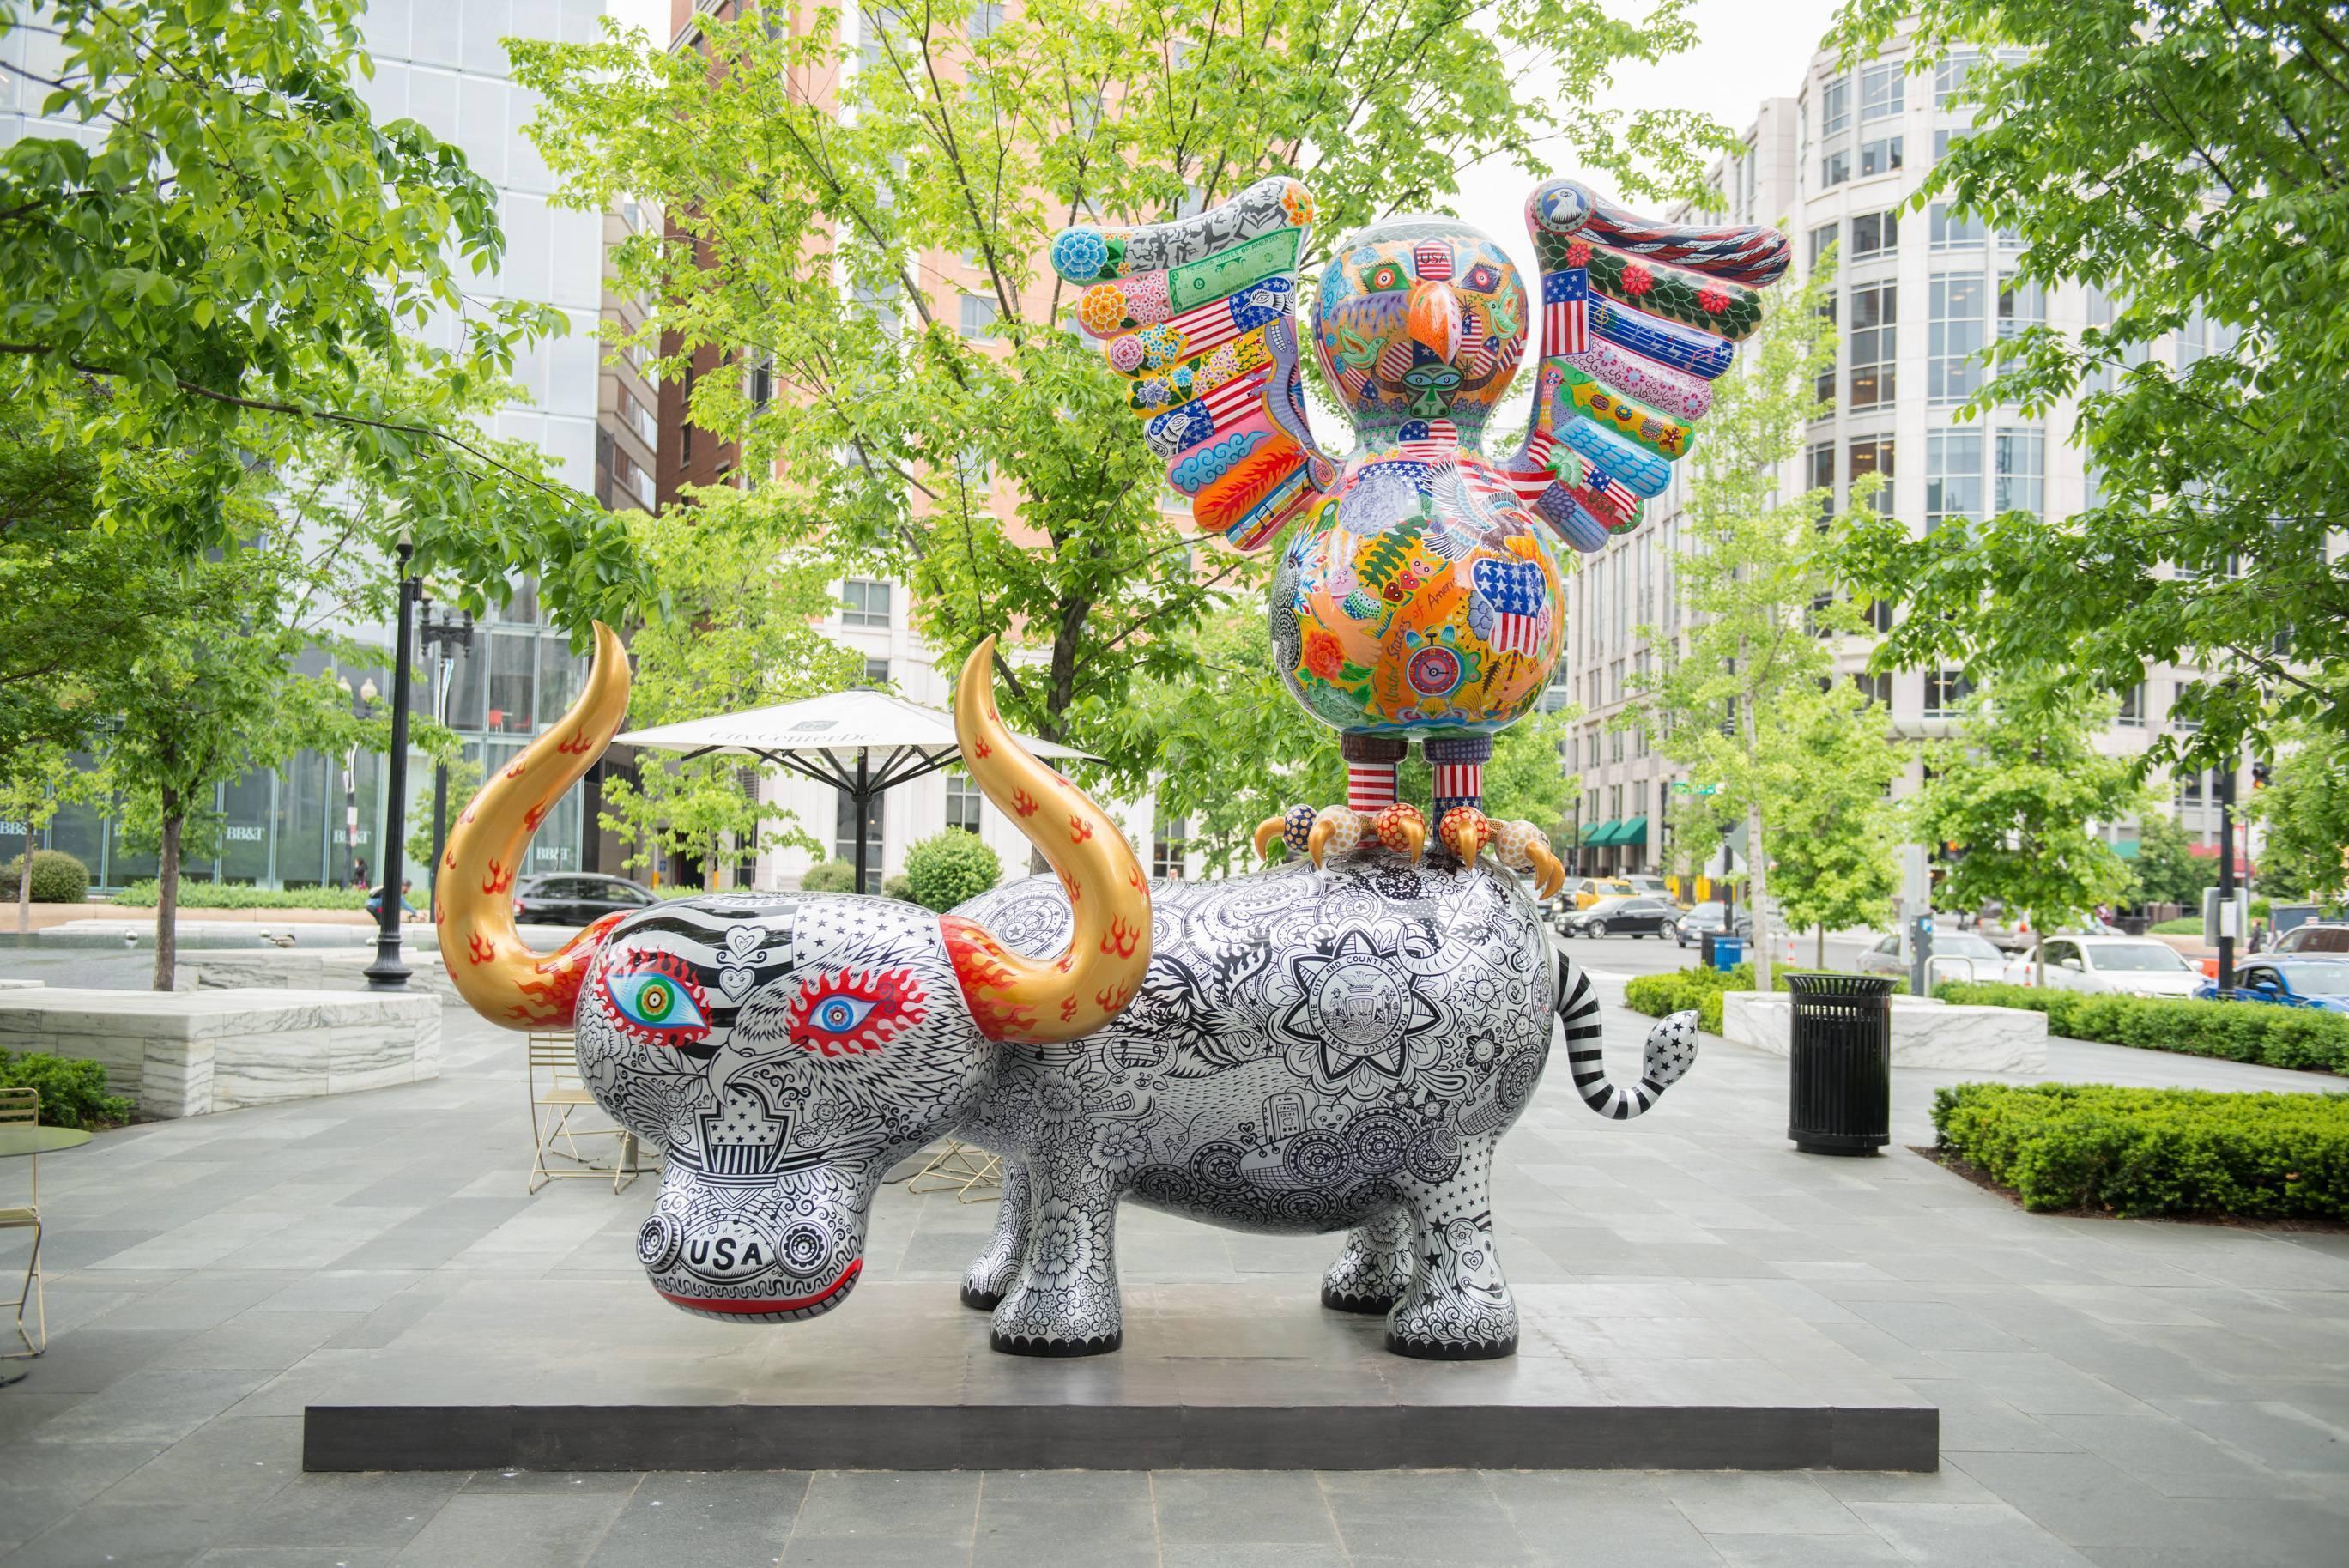 鷹鴿水水牛| 2013|鋼板彩繪|鷹鴿 245x105x220cm 水水牛 410cx156x220cm|「鷹鴿水水牛」,老鷹是美國的圖騰,鴿子是和平、友誼、團結的象徵,水牛則代表台灣的奮鬥精神